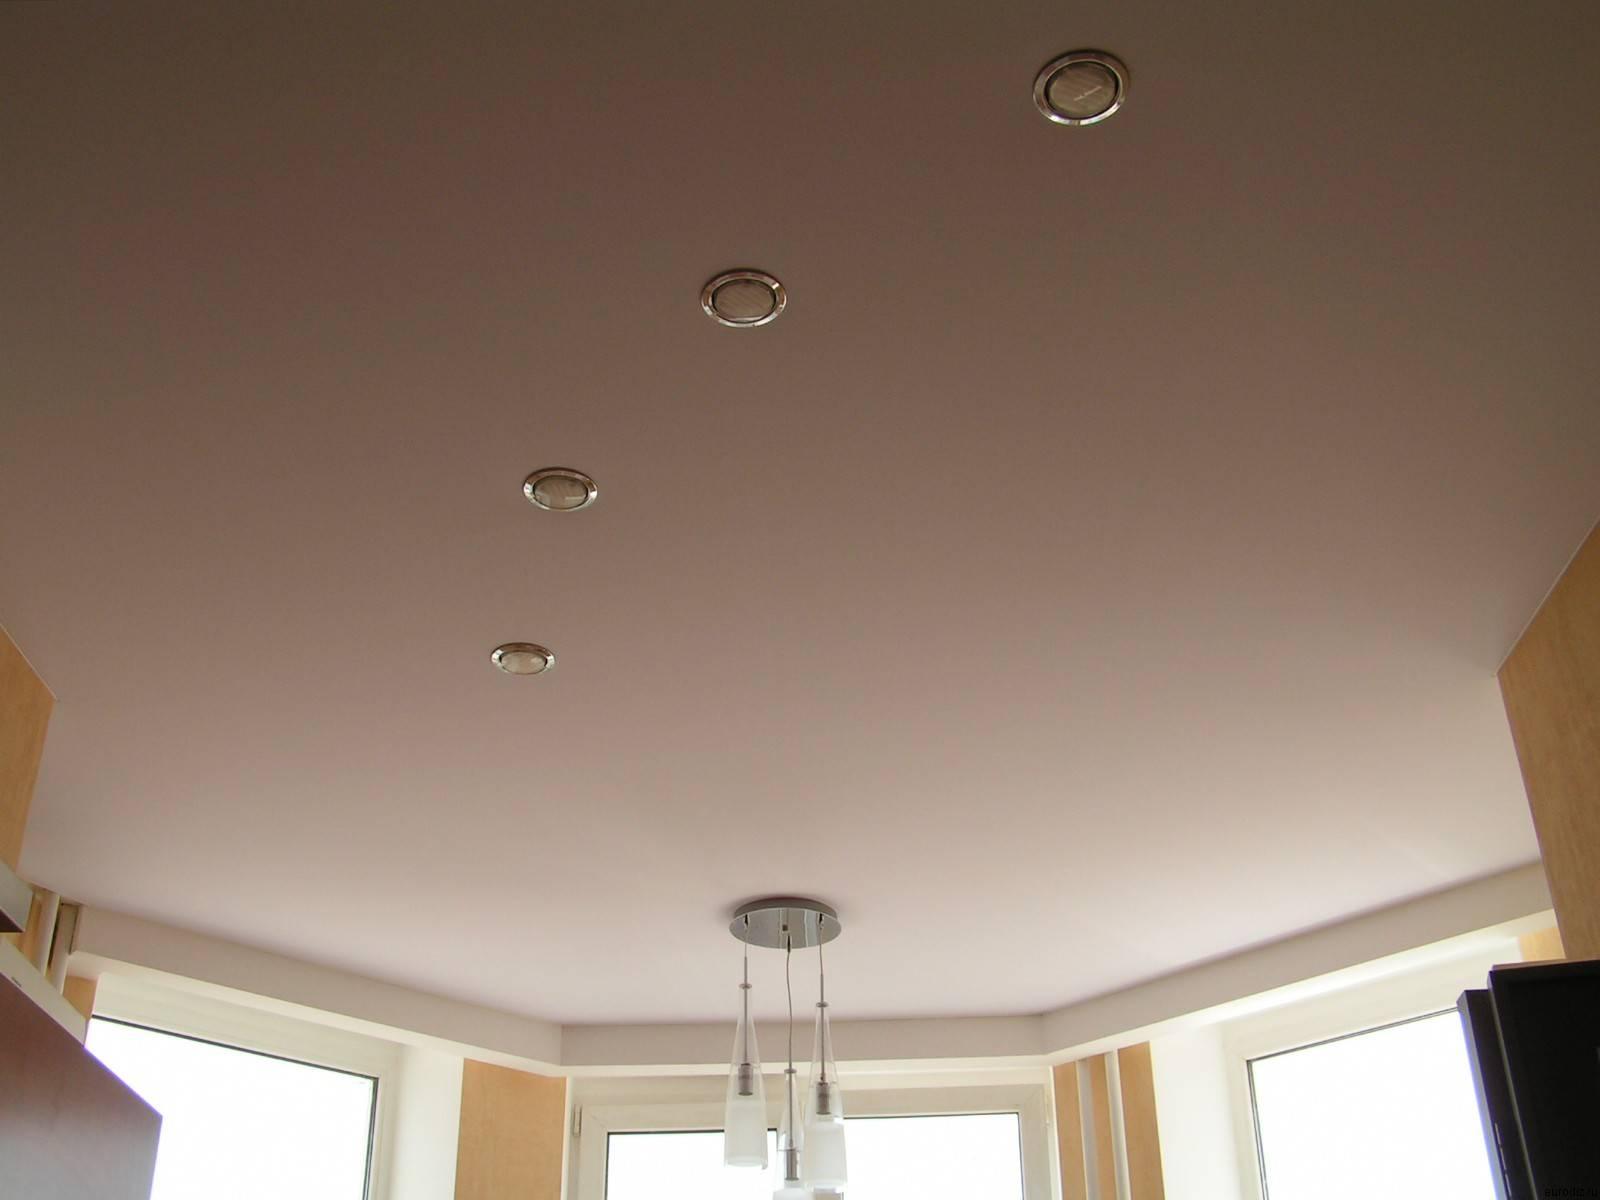 Отличие матового потолка от сатинового - что лучше, фото, глянцевый или сатиновый потолок